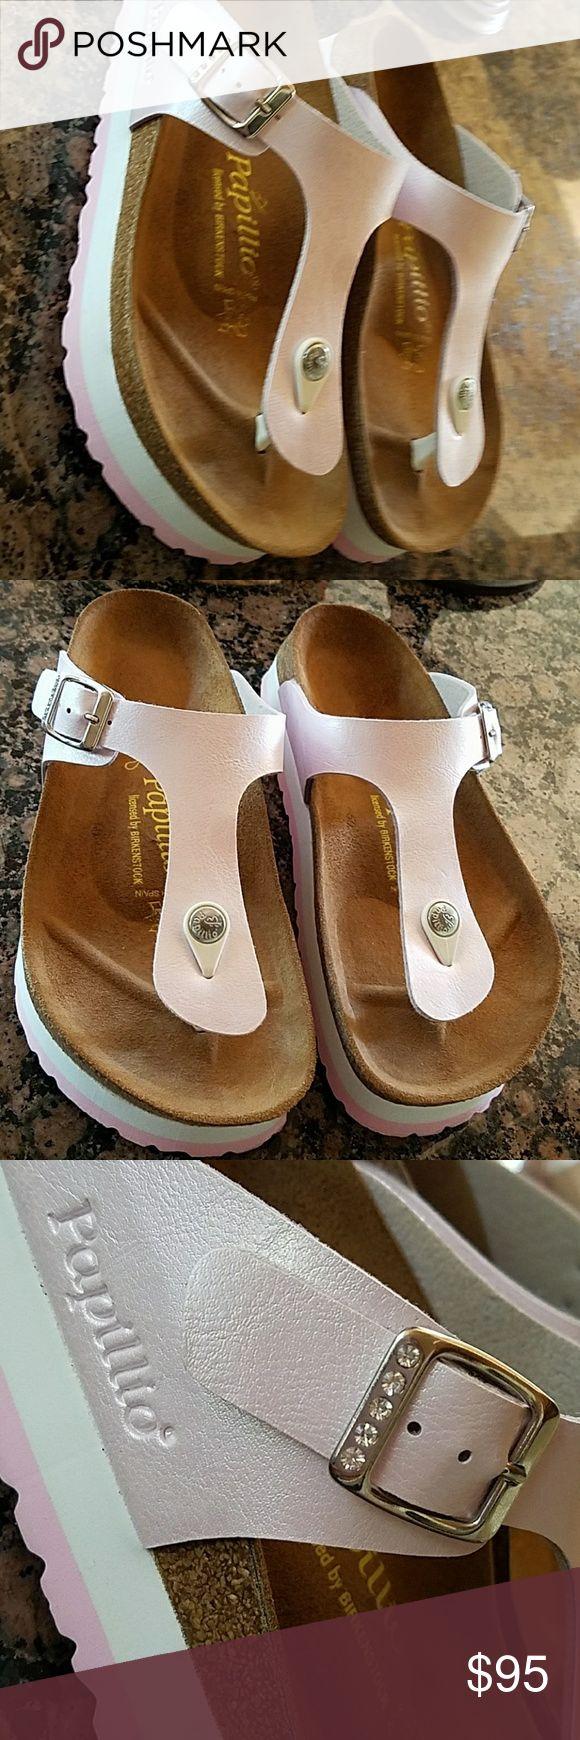 Birkenstock pink rhinestone Papillio samdals NEW!! Pearl pink, rhinestone buckles,  platform Papillio Birkenstock thong sandals.. 1/2 size too big for me. Birkenstock Shoes Sandals